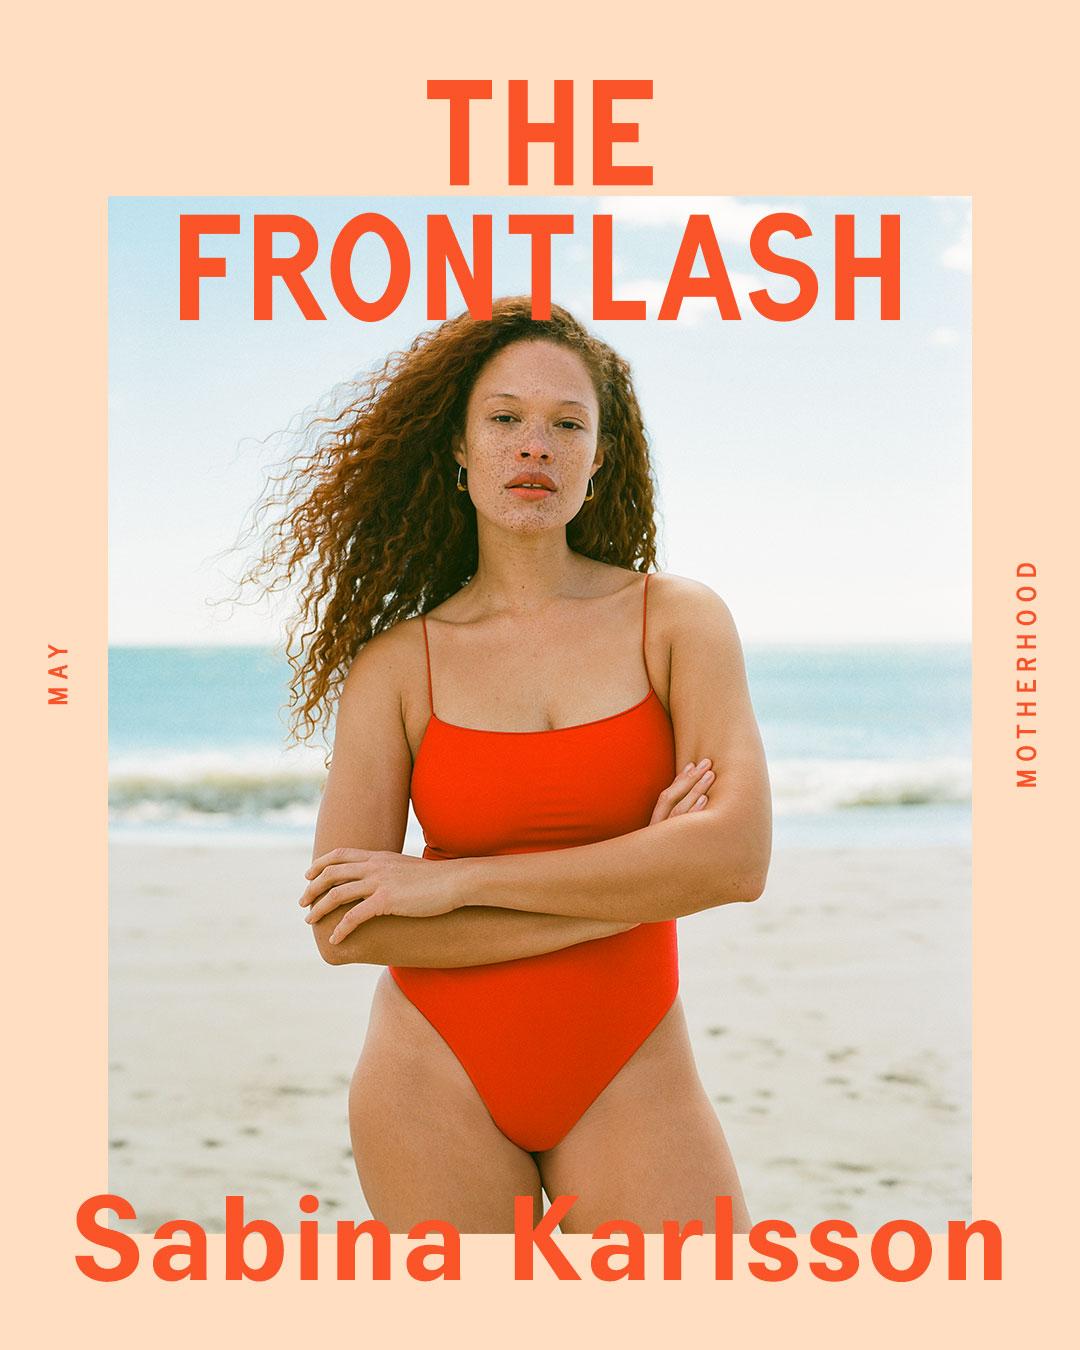 Sabina for The Frontlash